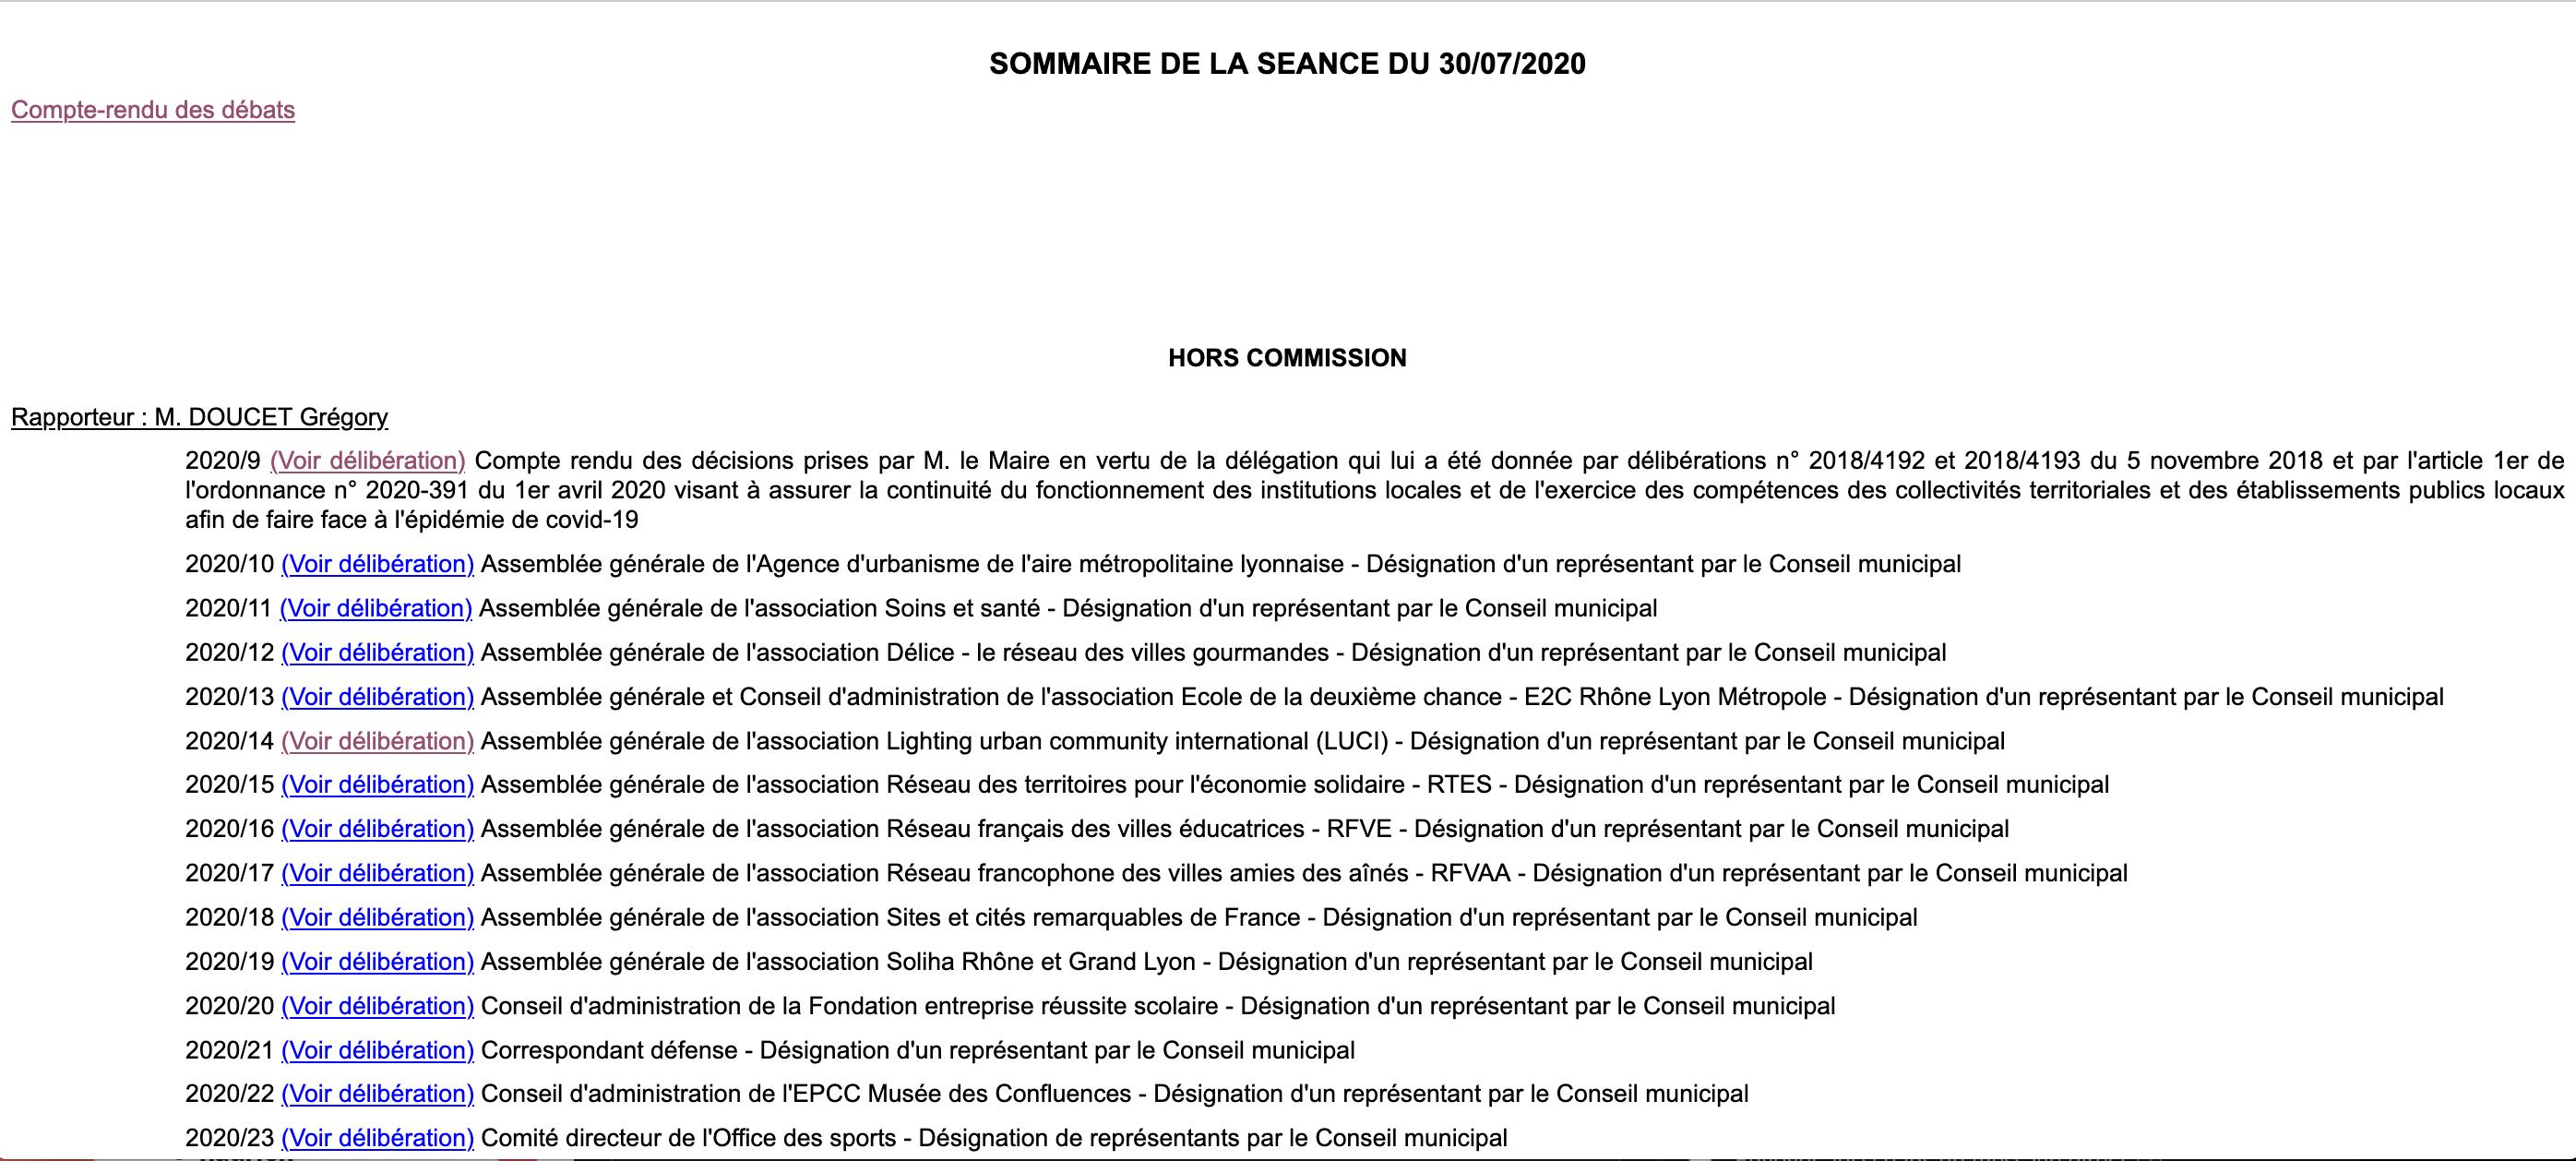 2020_09_capture_deliberations_mairie_lyon